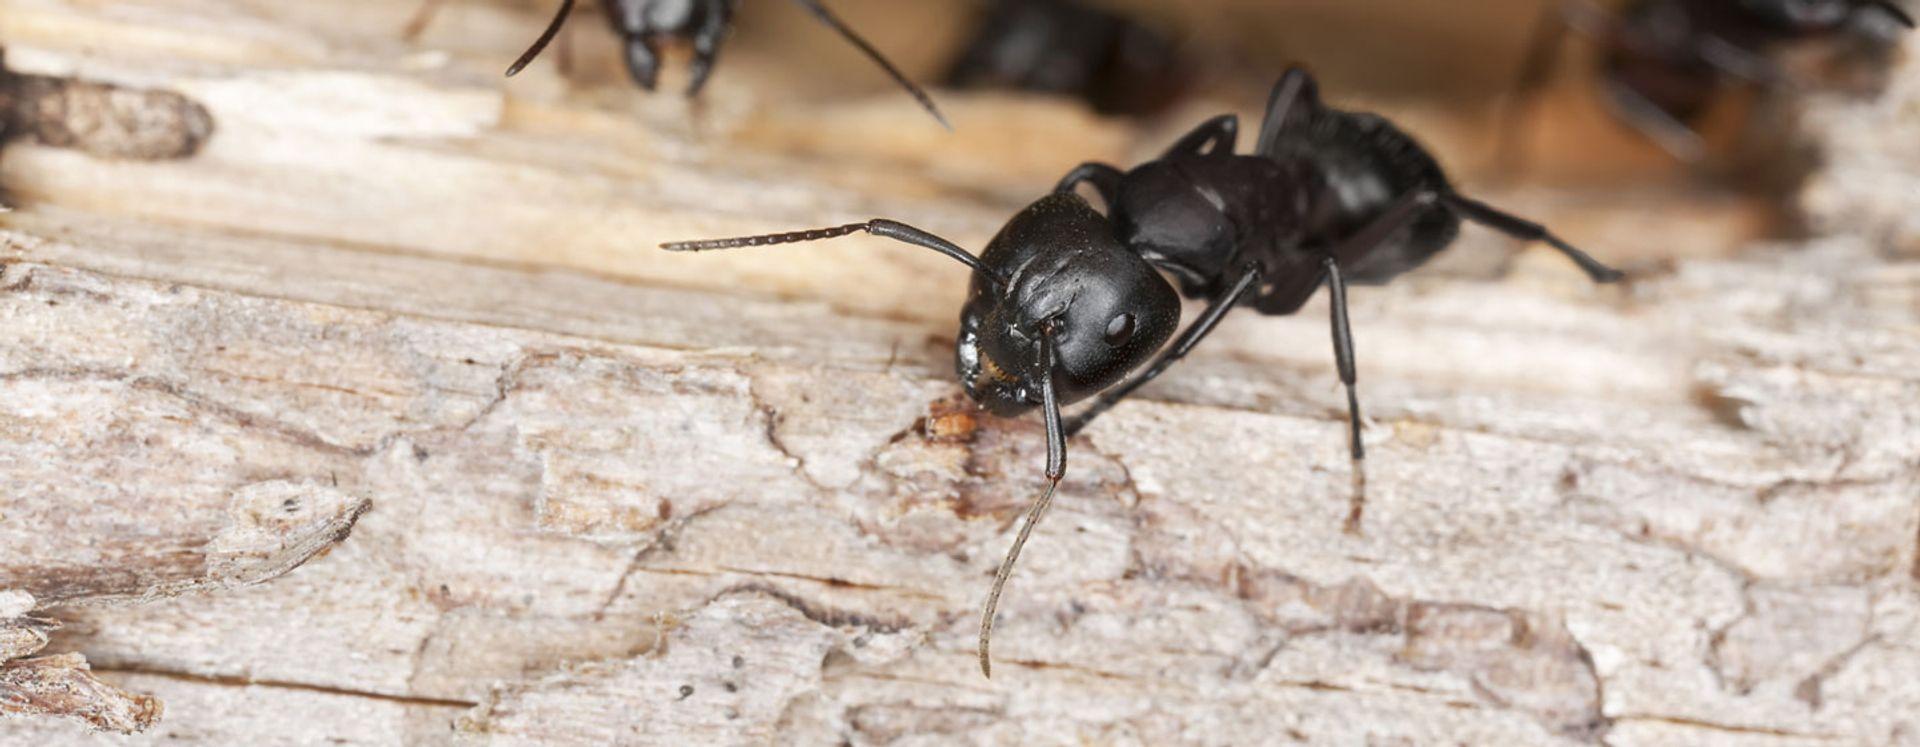 Hvorfor er myrer så stærke? Få svaret her - Anticimex